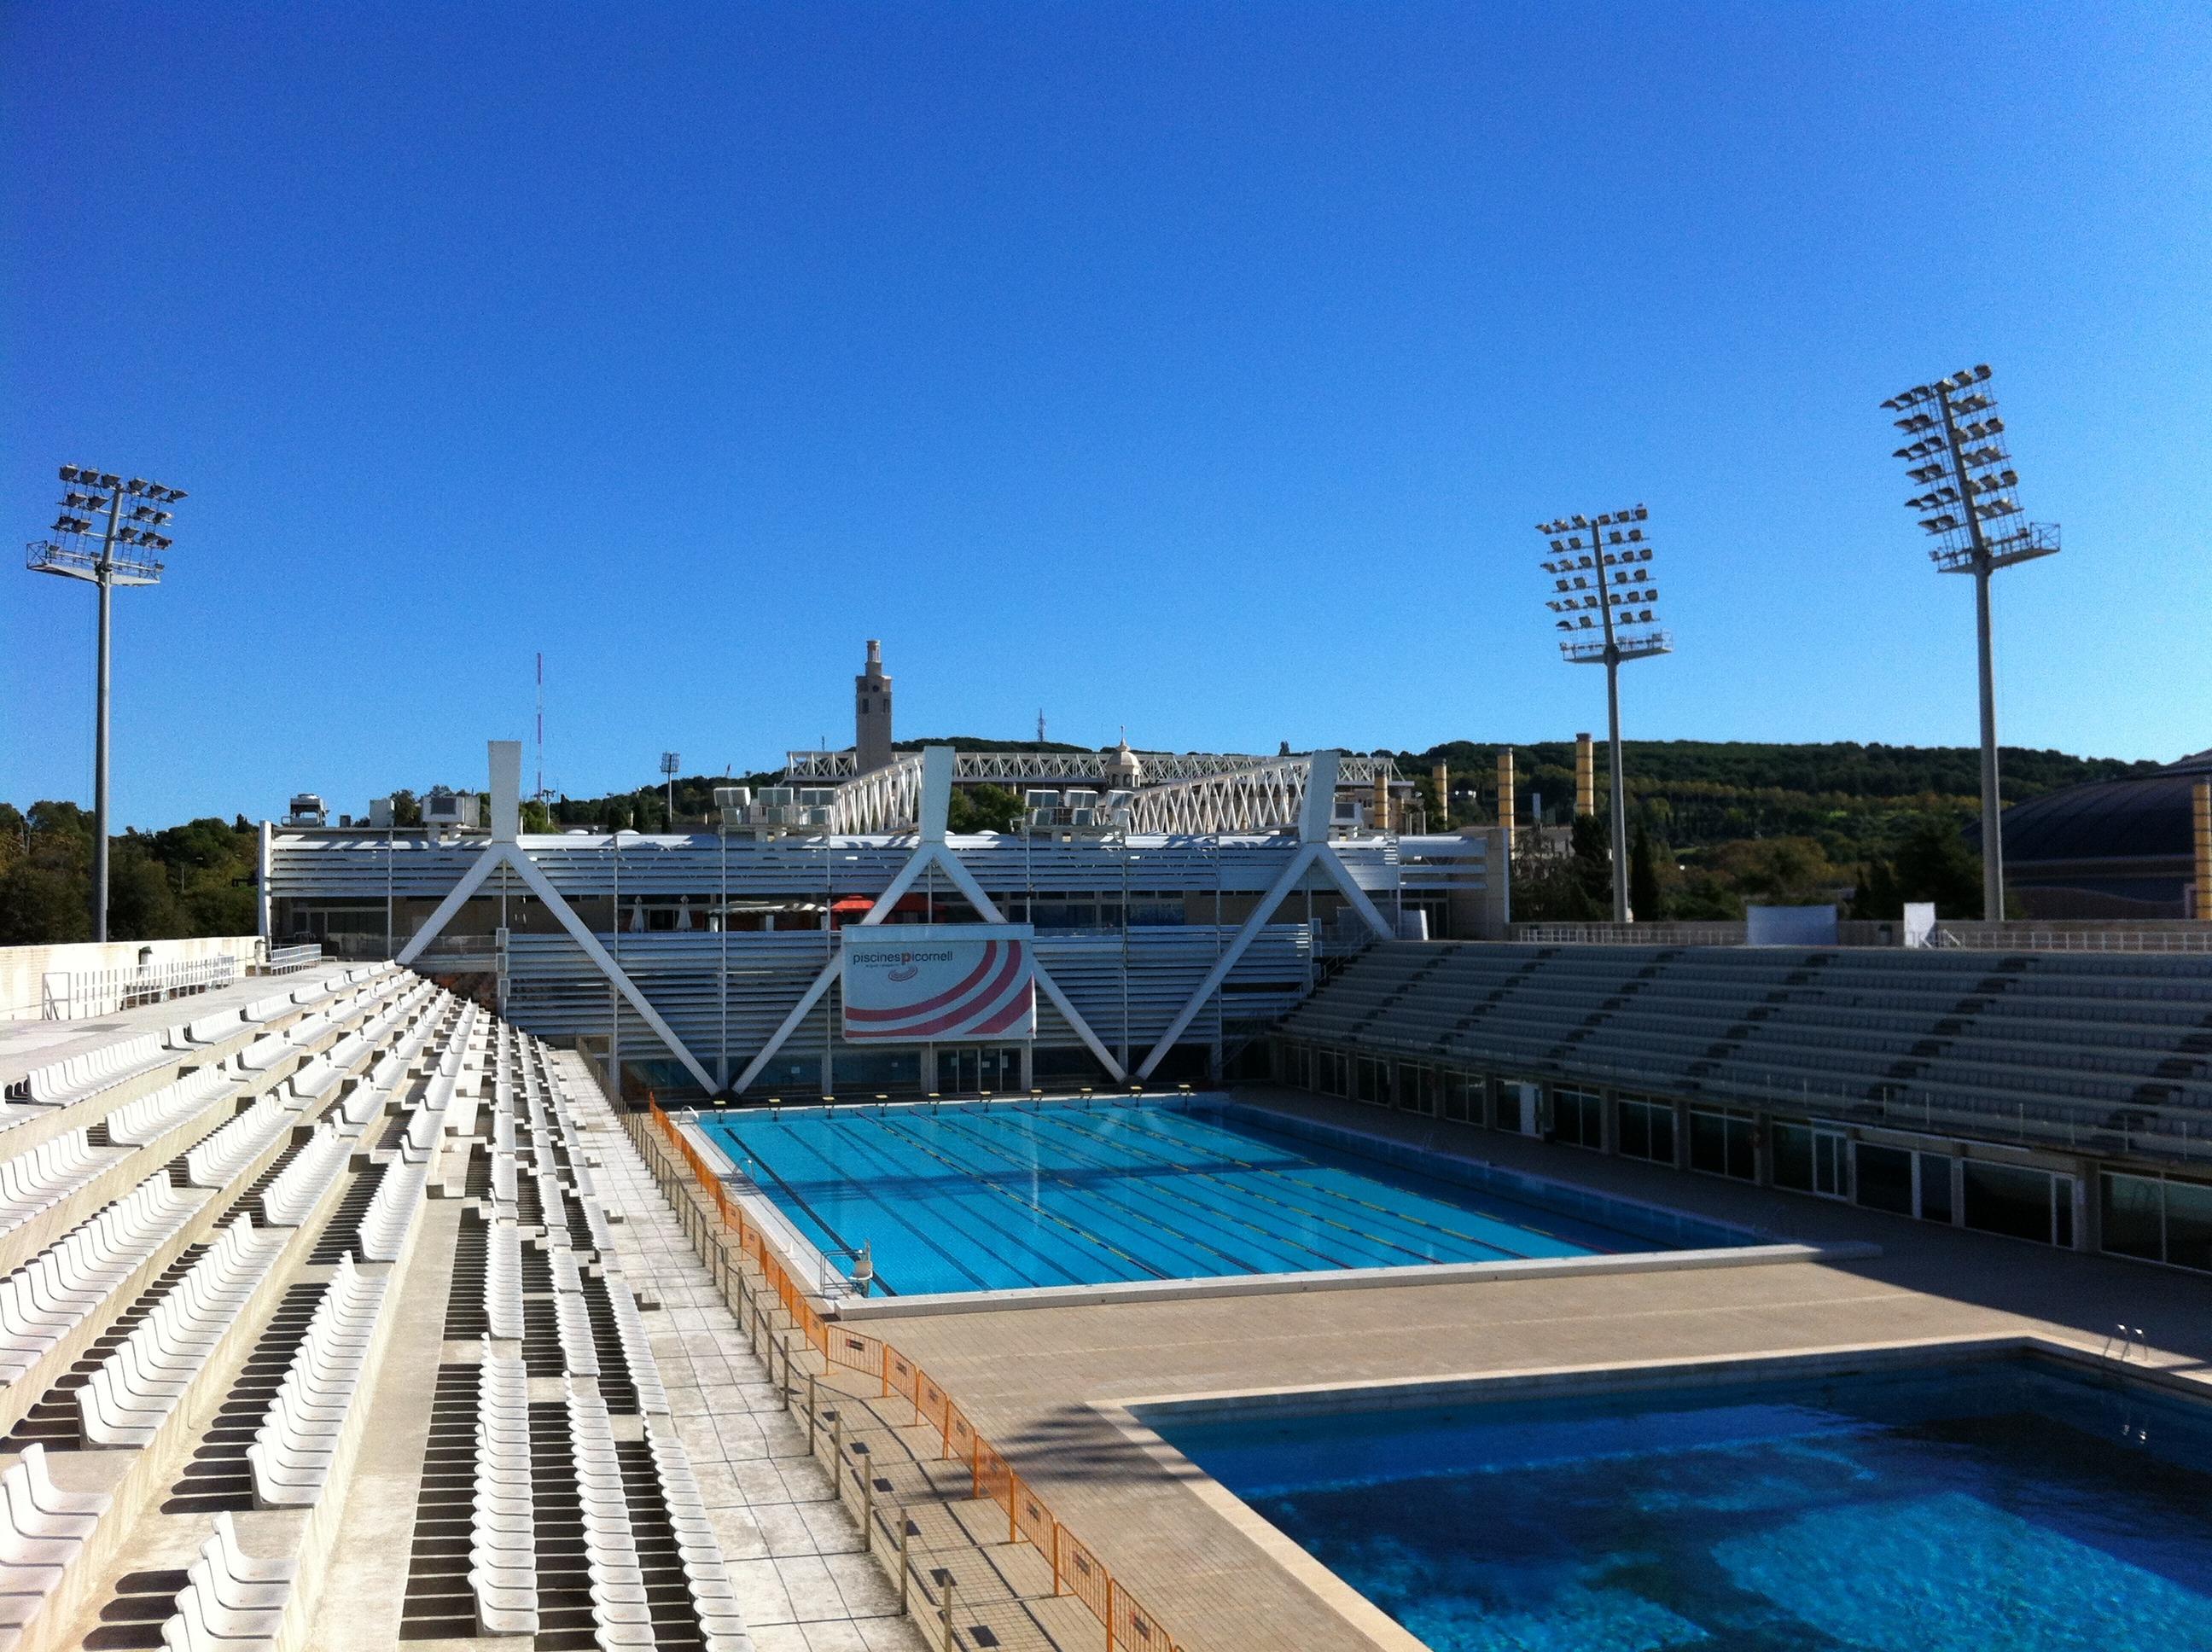 schwimmeinrichtungen in barcelona barcelona home blog